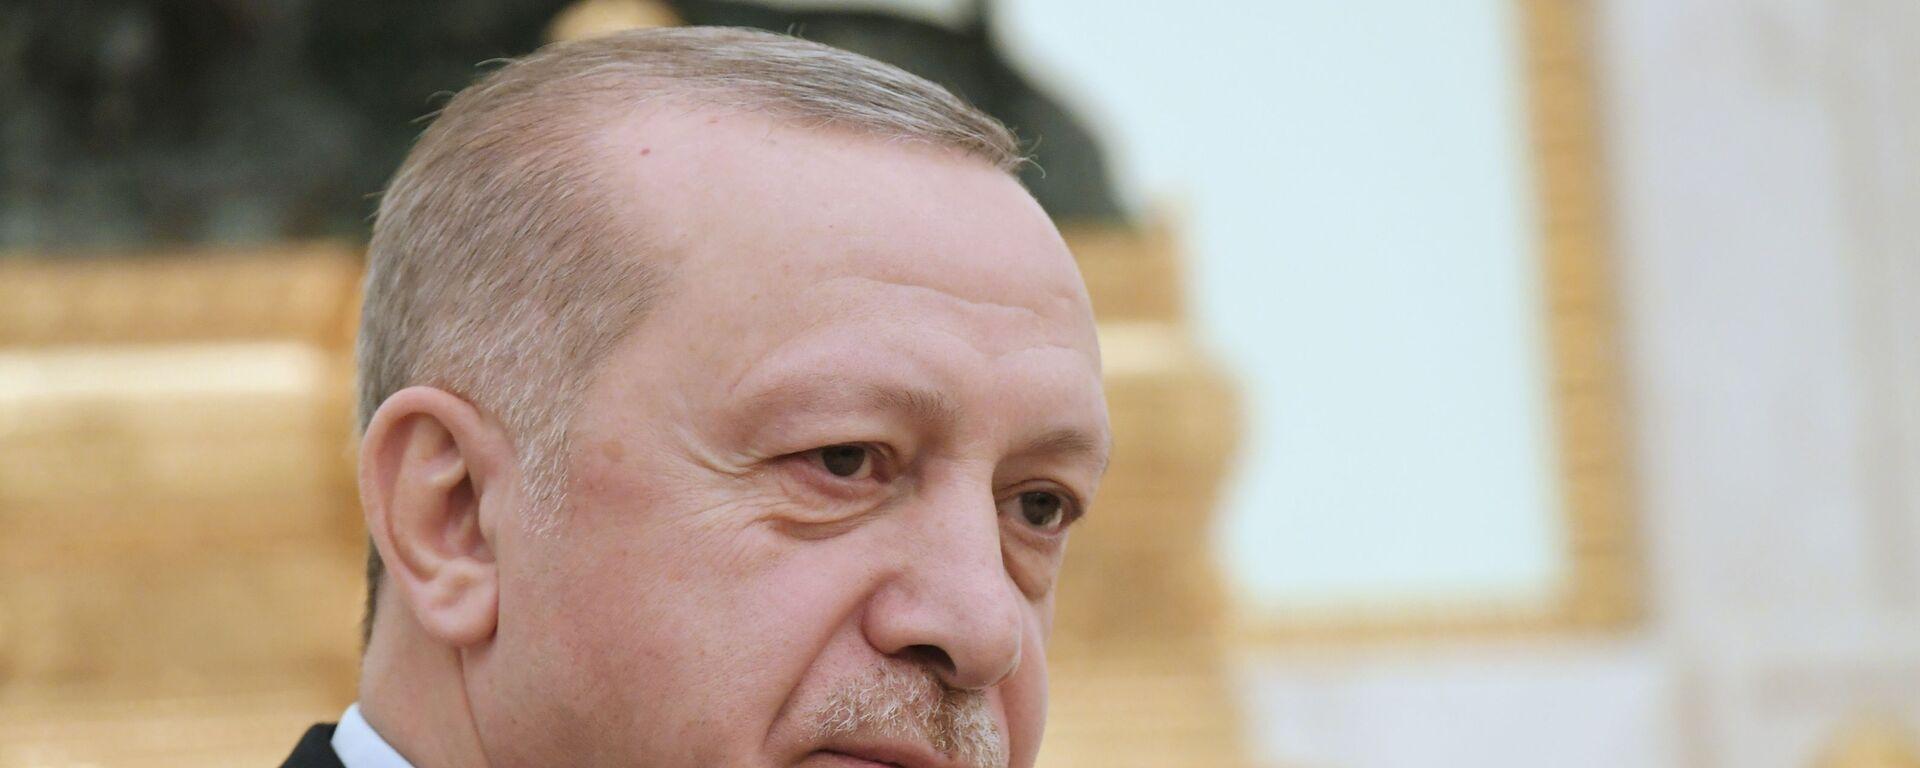 Ο Τούρκος Πρόεδρος Ρετζέπ Ταγίπ Ερντογάν - Sputnik Ελλάδα, 1920, 24.09.2021